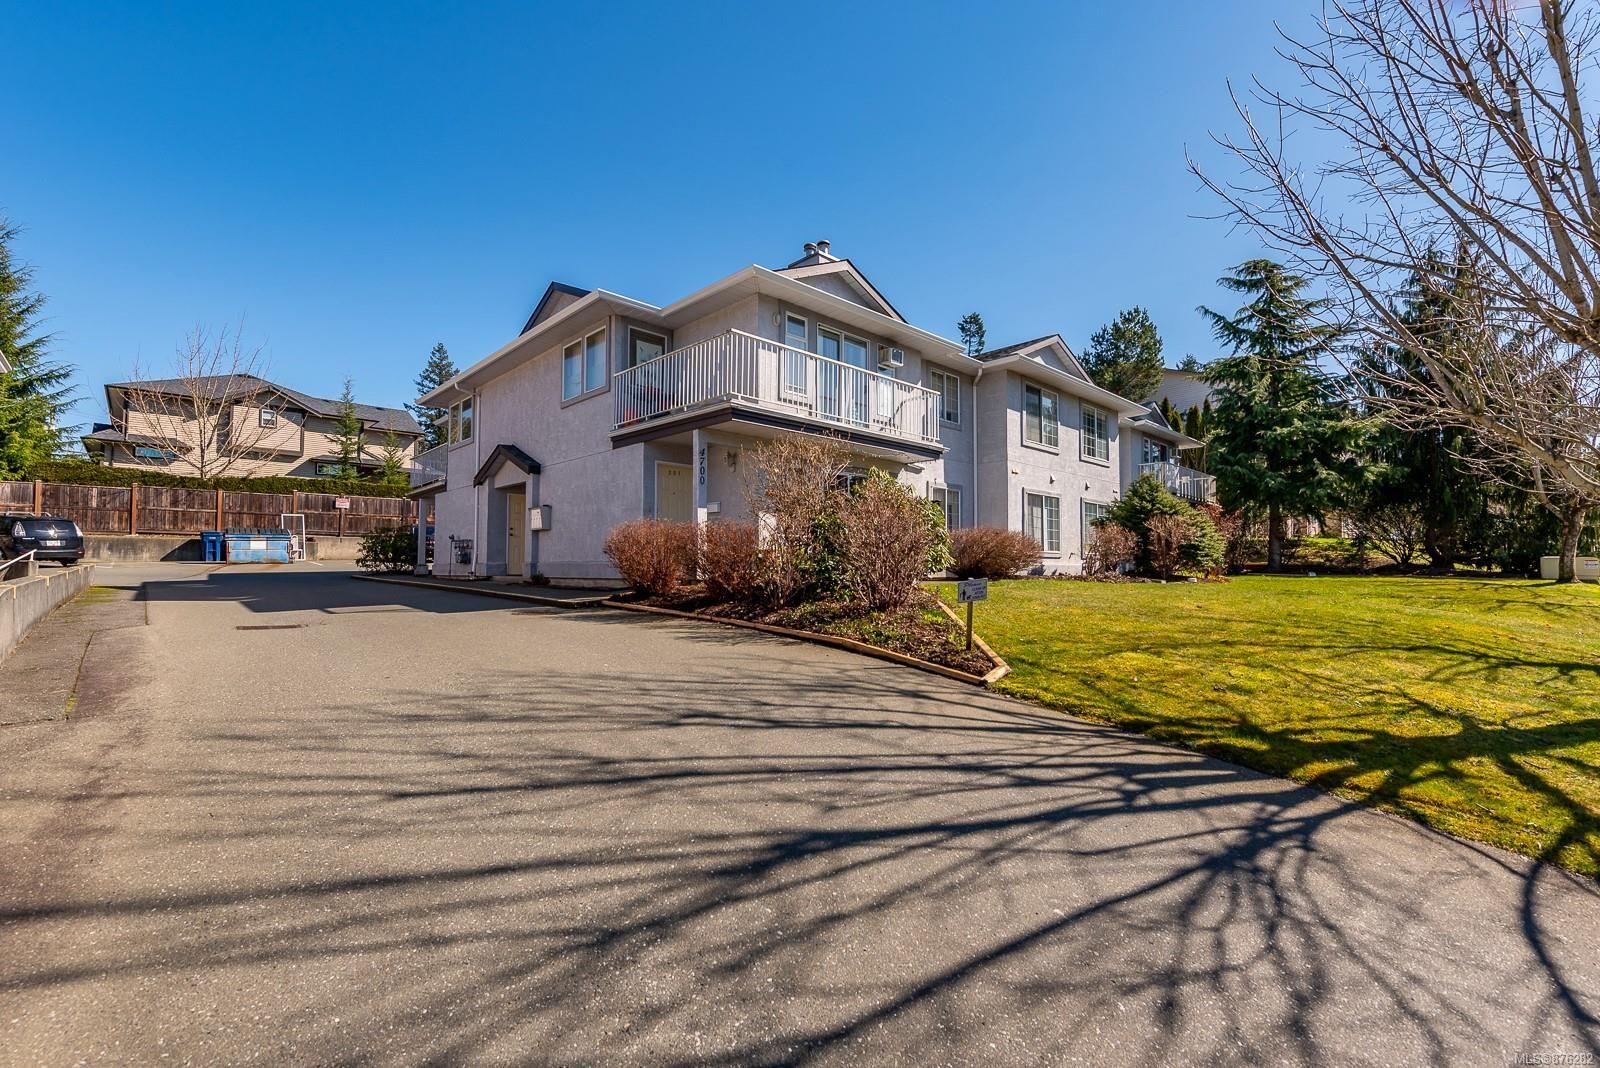 Main Photo: 203 4700 Alderwood Pl in : CV Courtenay East Condo for sale (Comox Valley)  : MLS®# 876282